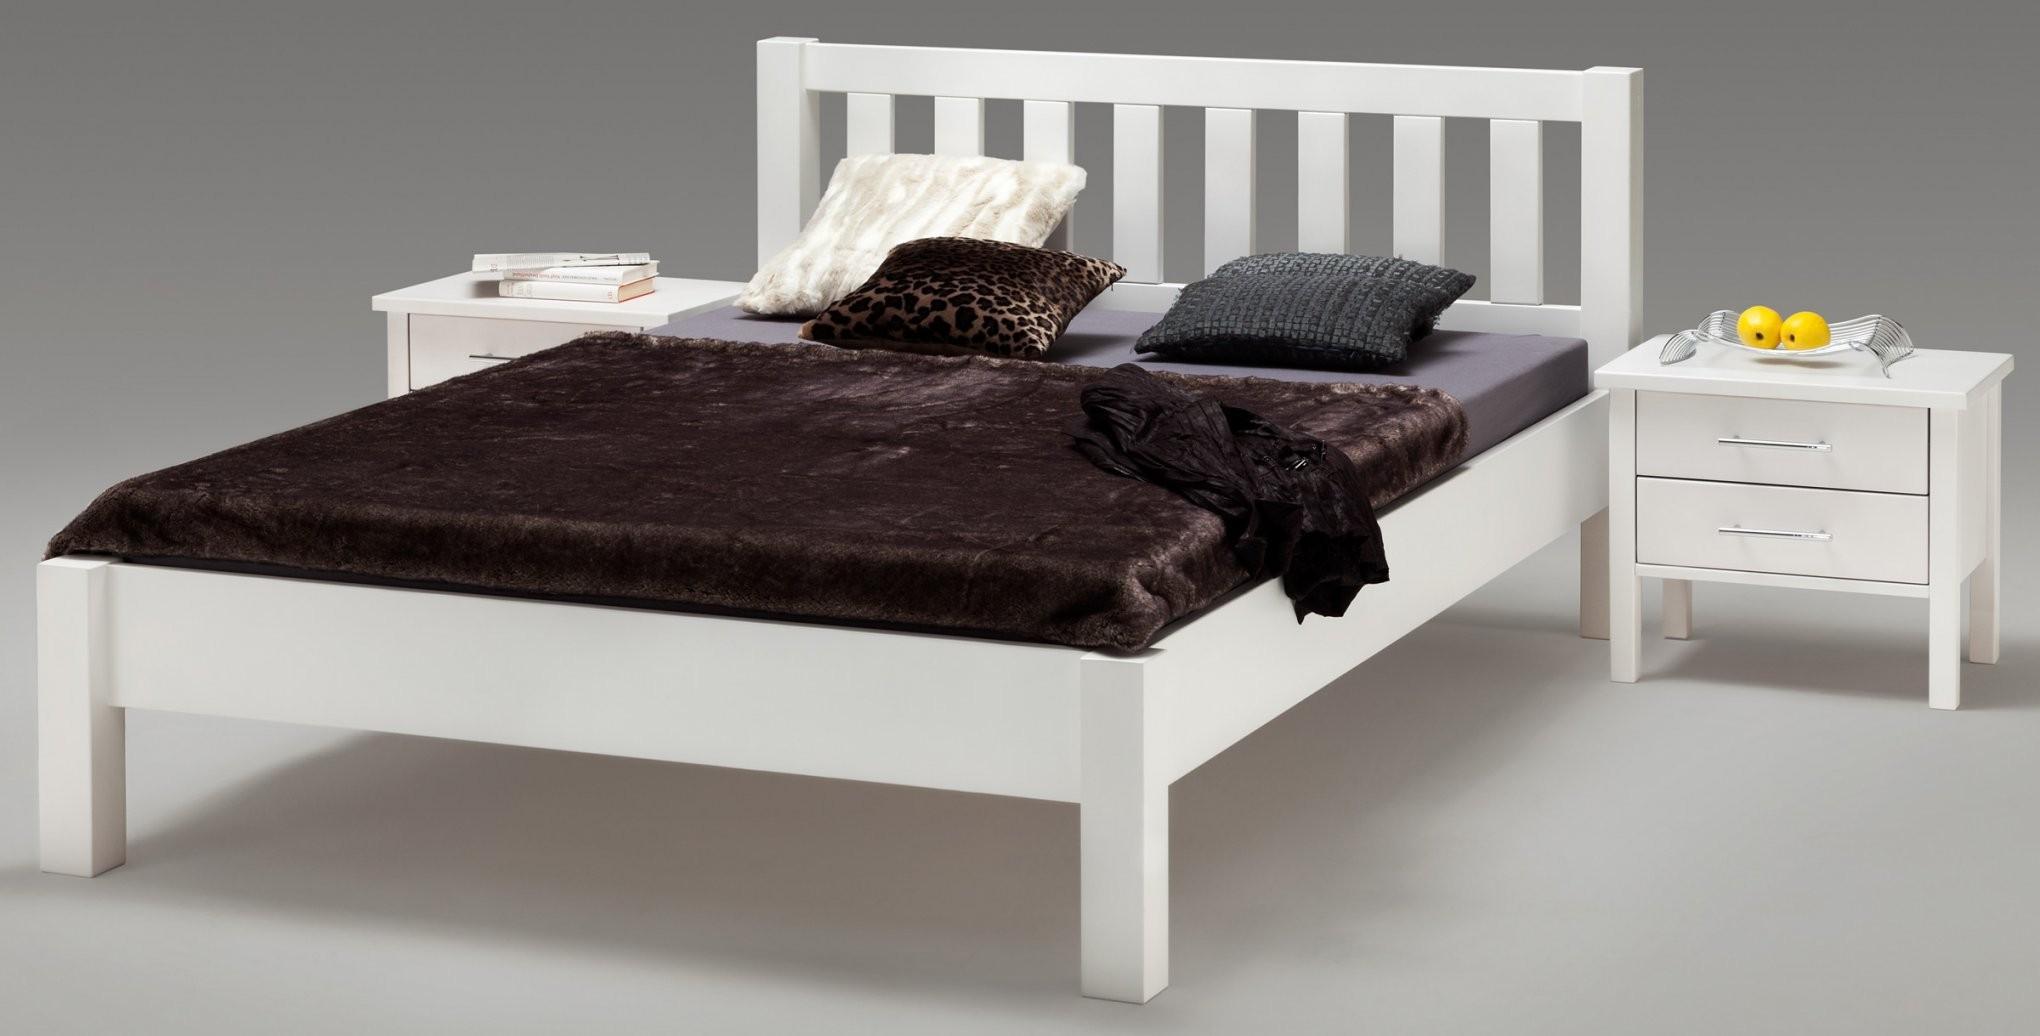 Bett 140X200 Weis X Hochglanz Mit Bettkasten Lattenrost Hoch von Bett 140X200 Hoch Photo